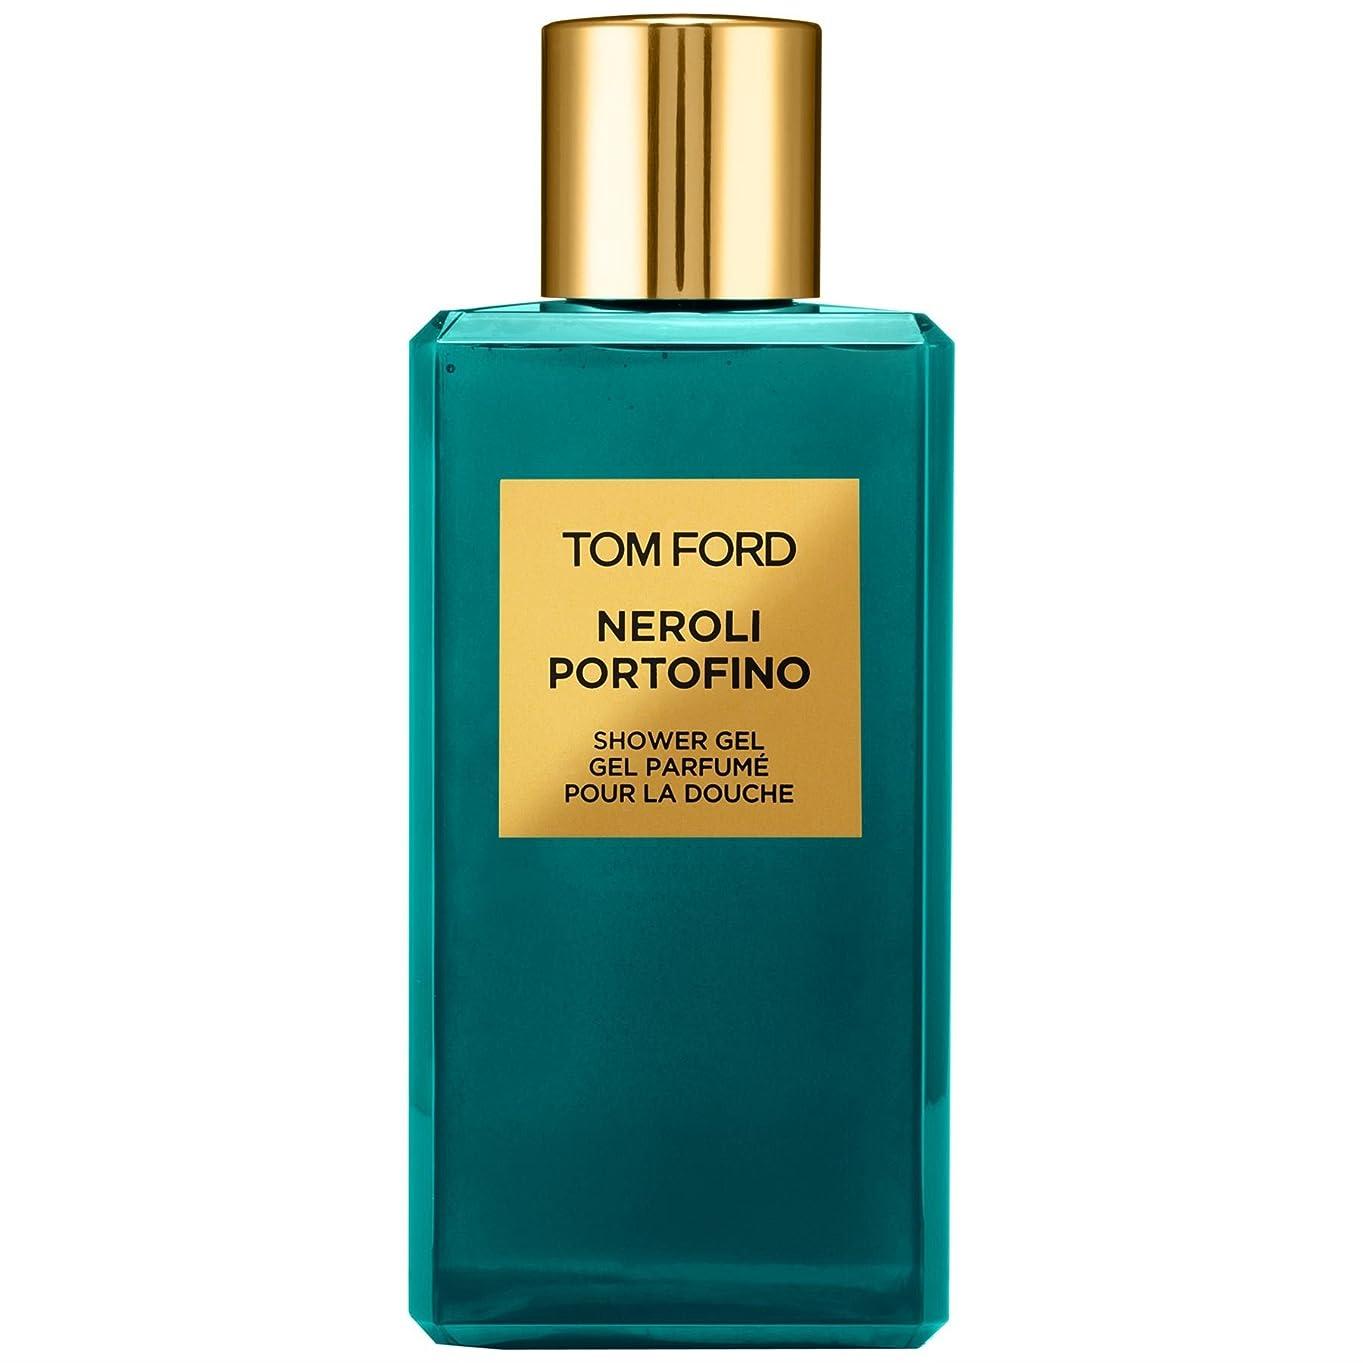 サイトライン環境実行する[Tom Ford ] トムフォードネロリポルトフィーノシャワージェル250ミリリットル - TOM FORD Neroli Portofino Shower Gel 250ml [並行輸入品]